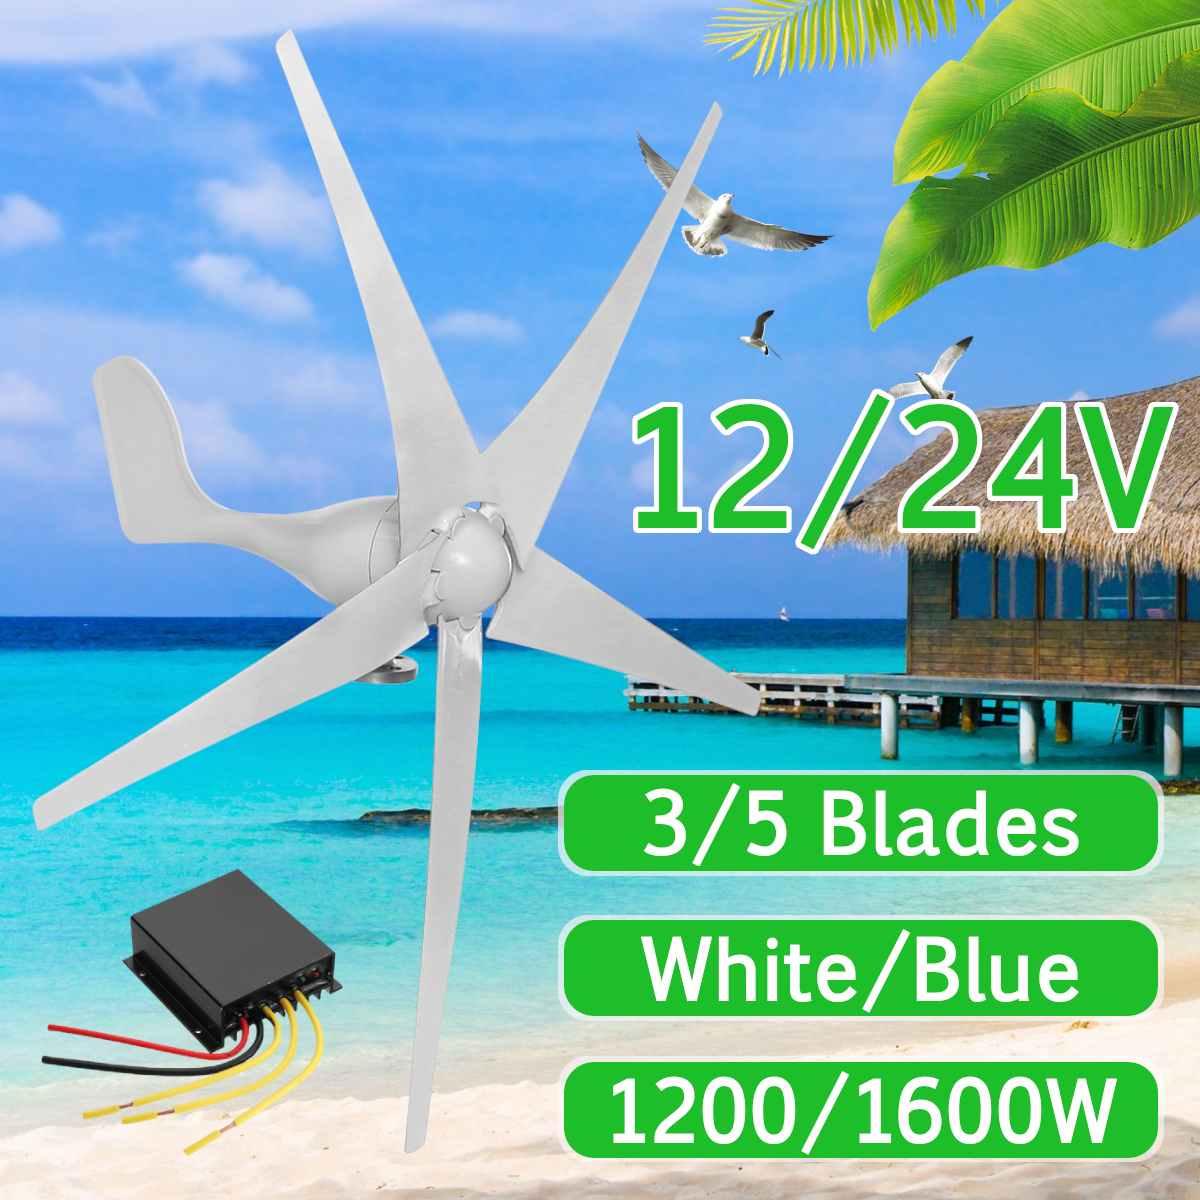 1200/1600 W vent pour Turbine Generator3/5 pales de vent Option contrôleur de vent cadeau adapté pour la maison ou le Camping + accessoires de montage